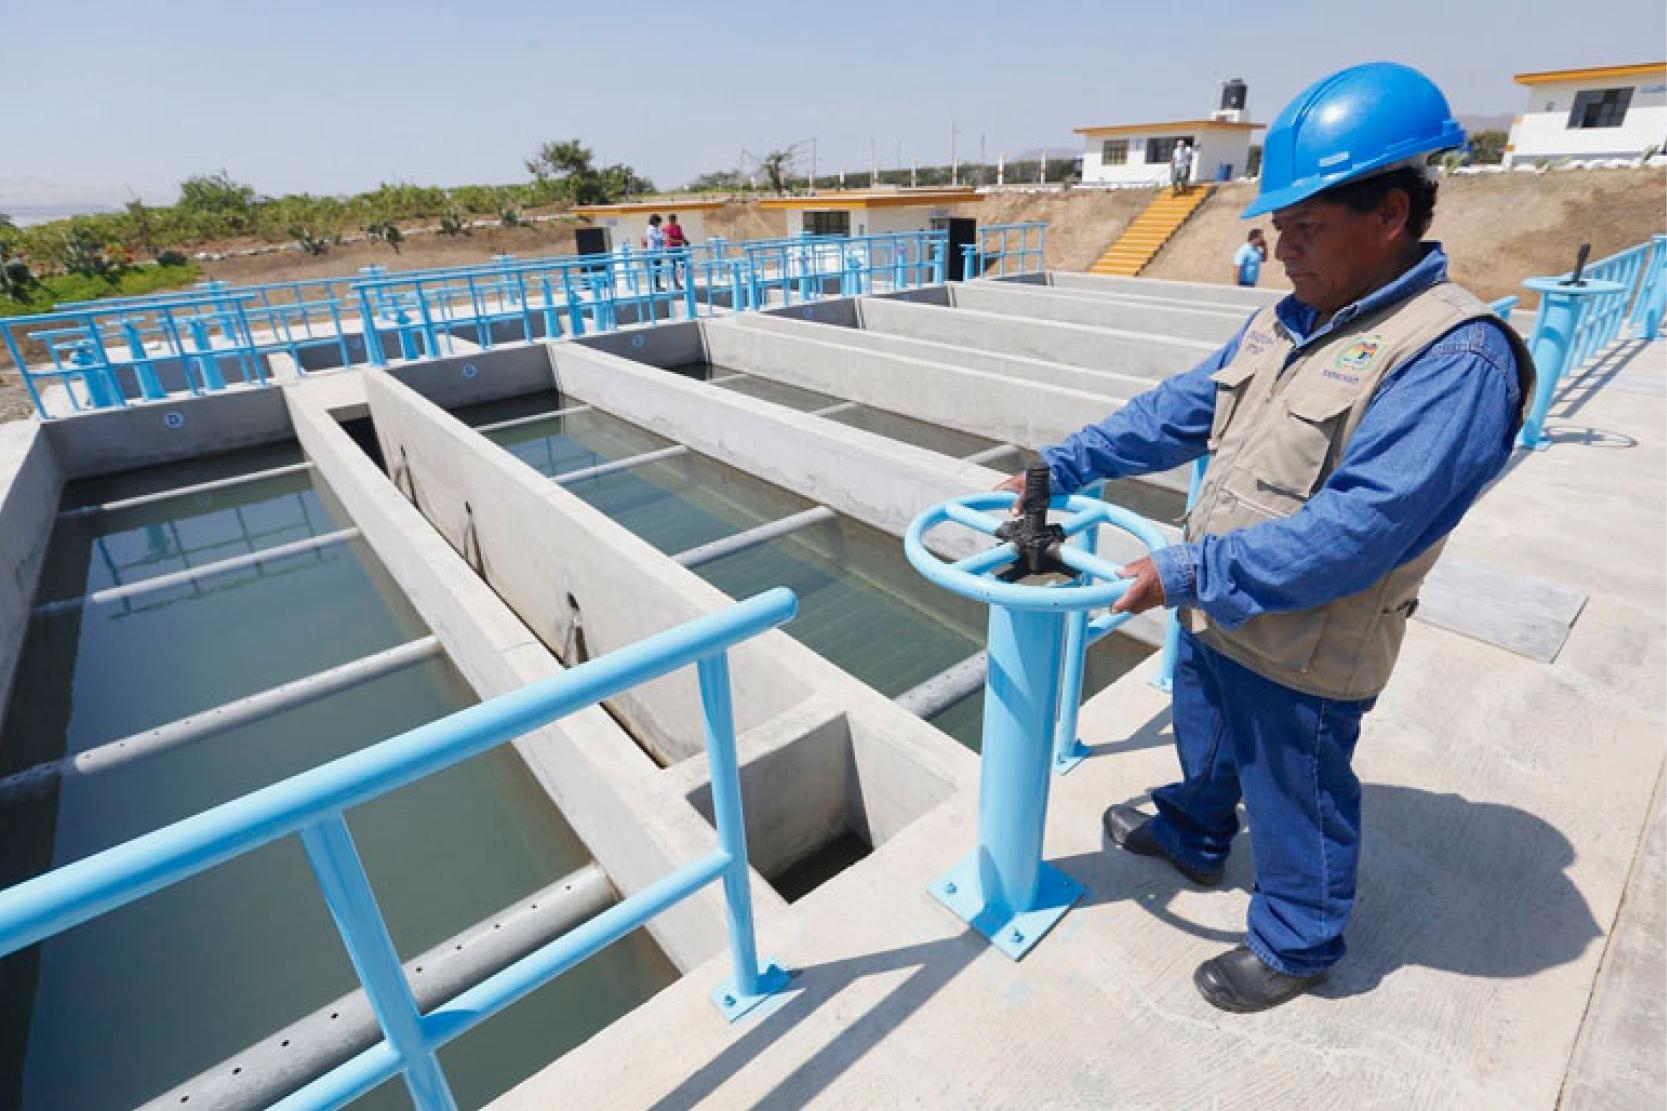 Equipos-Tratamiento-de-Aguas-Municipales-Mineras-Industriales-7.jpg